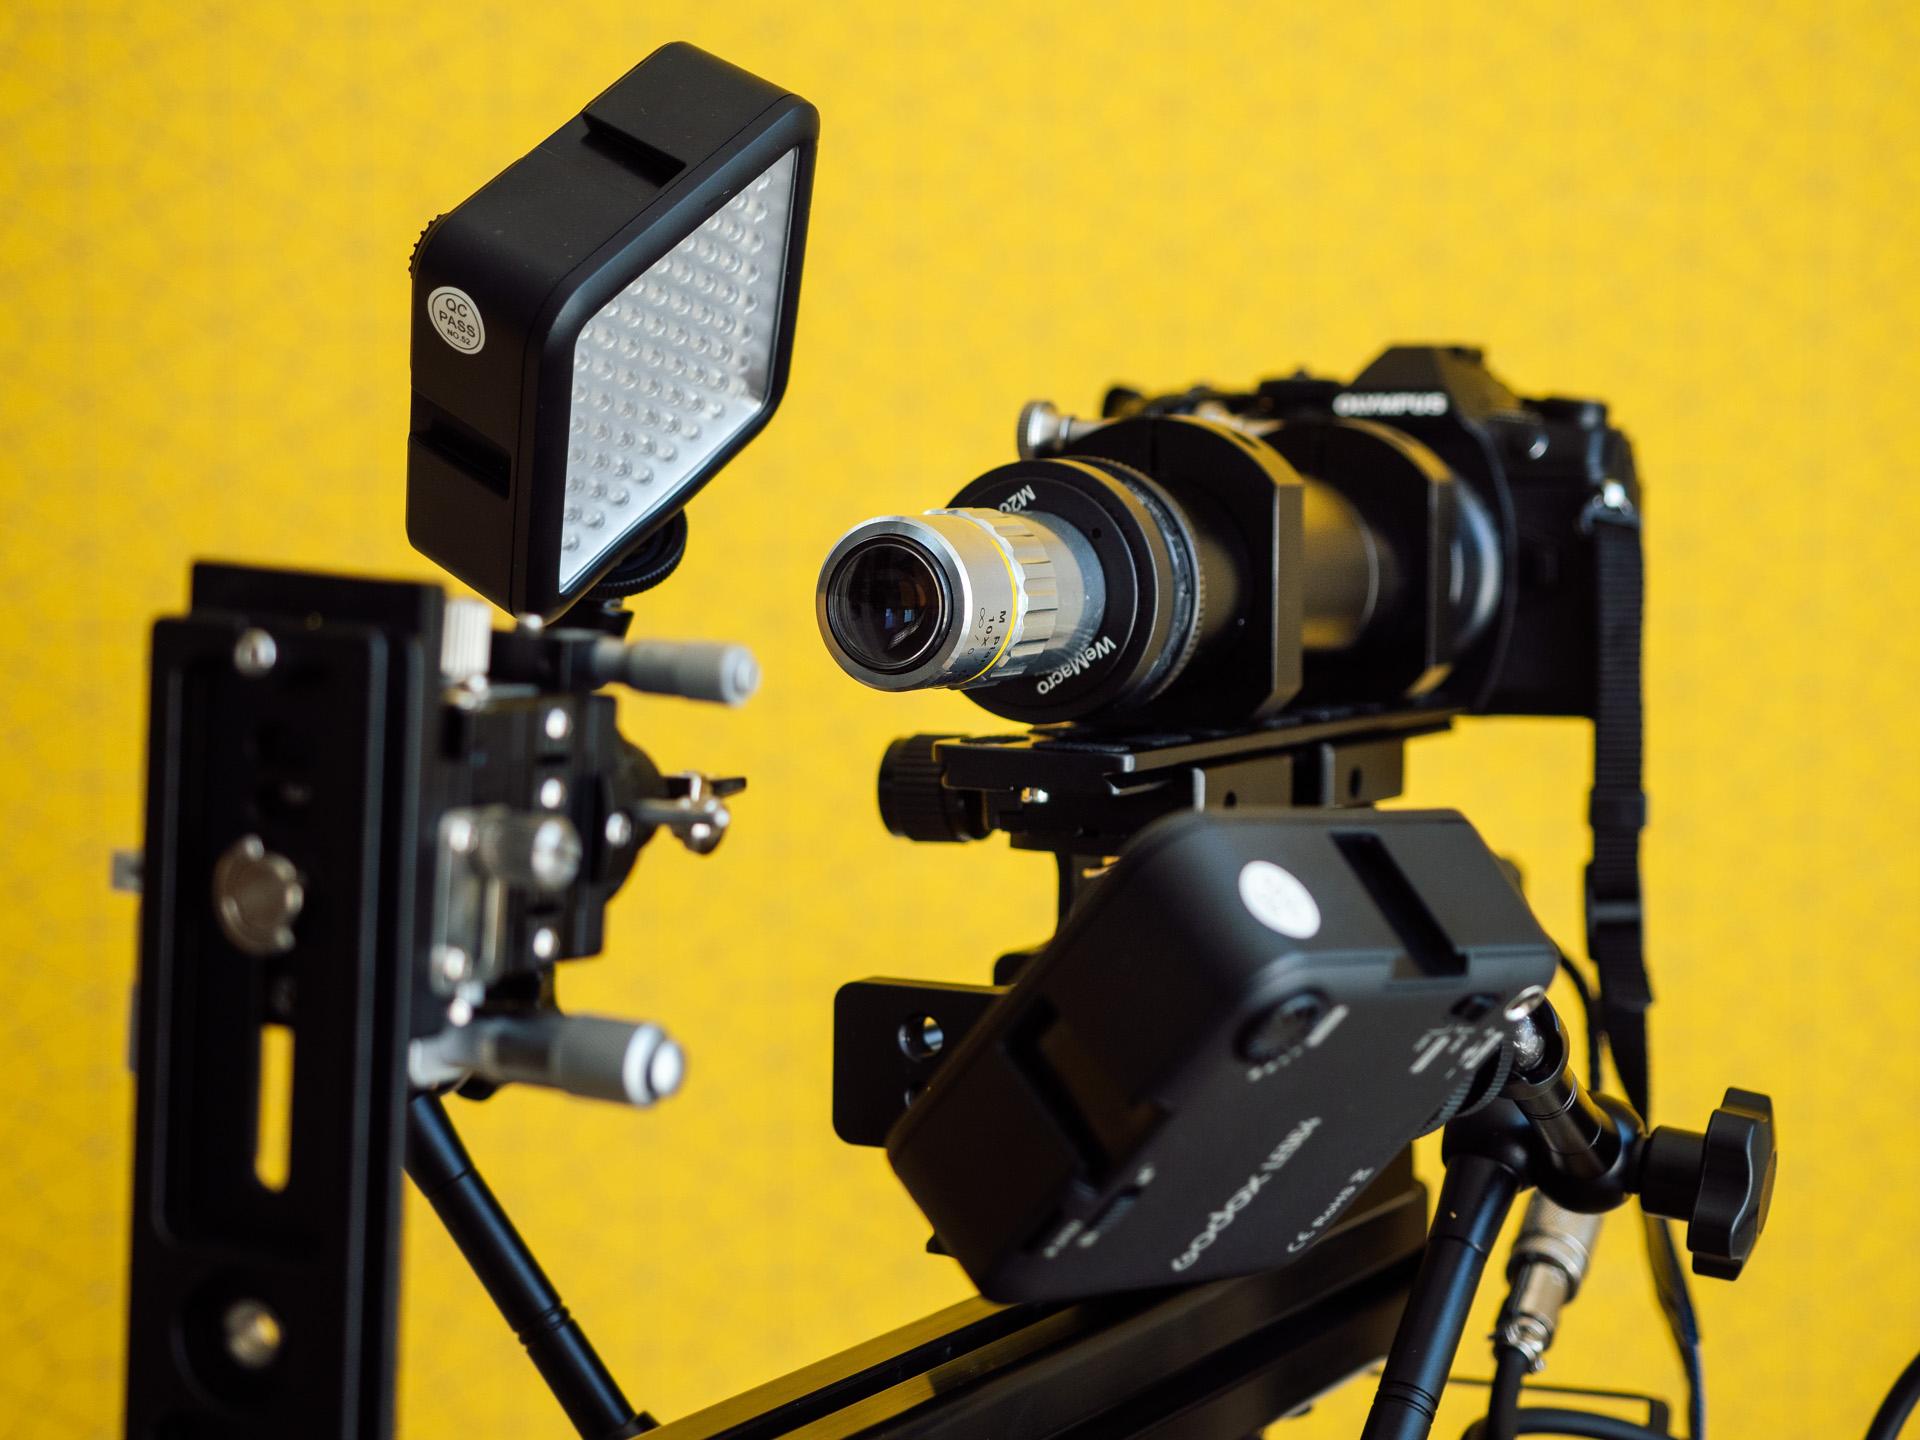 Profesjonalny sprzęt do zdjęć makro w domu, fot. KB